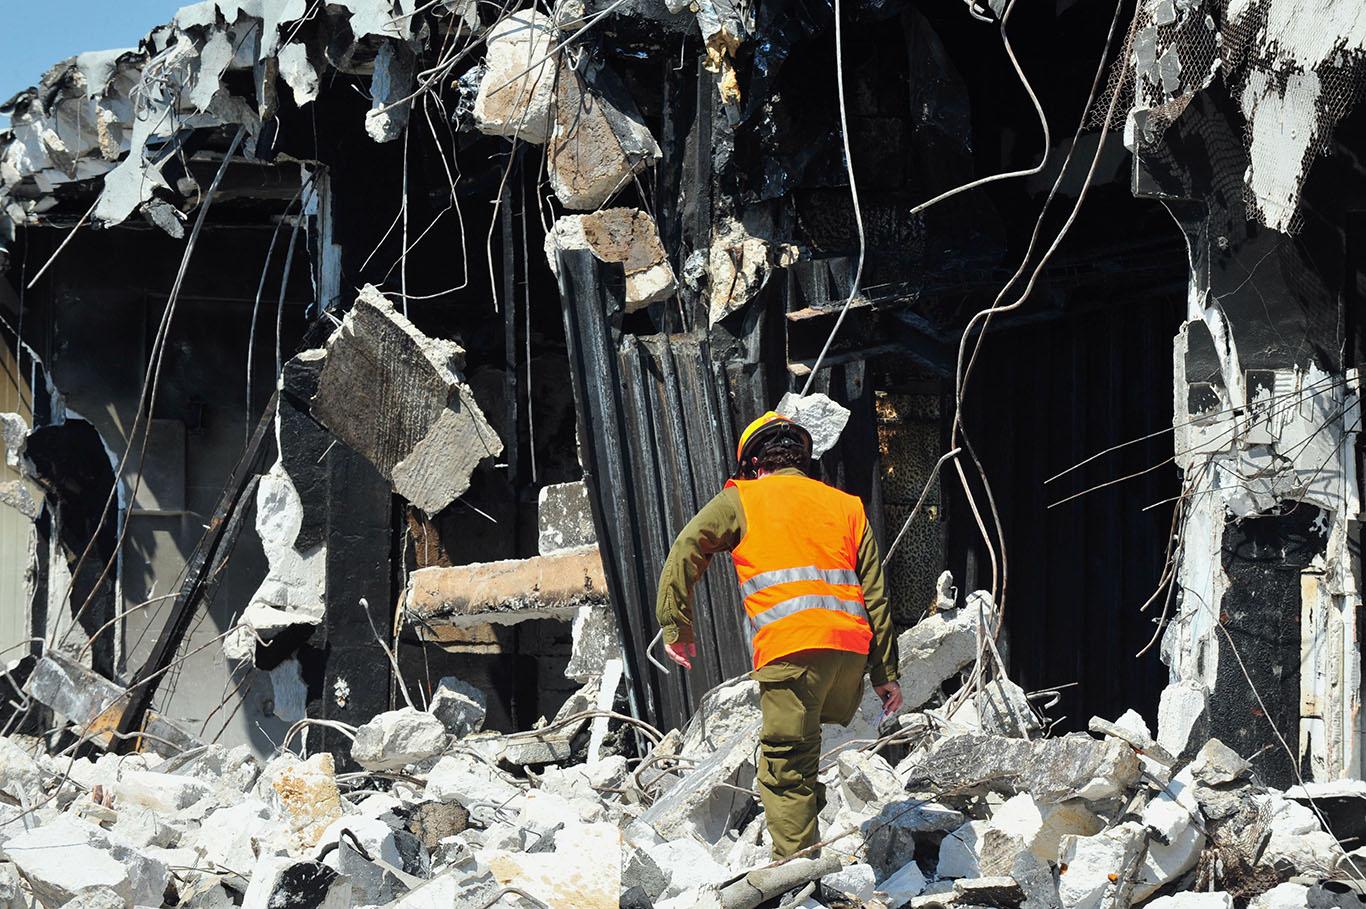 ¿El derrumbe del edificio de apartamentos de Surfside ha acarreado demandas?